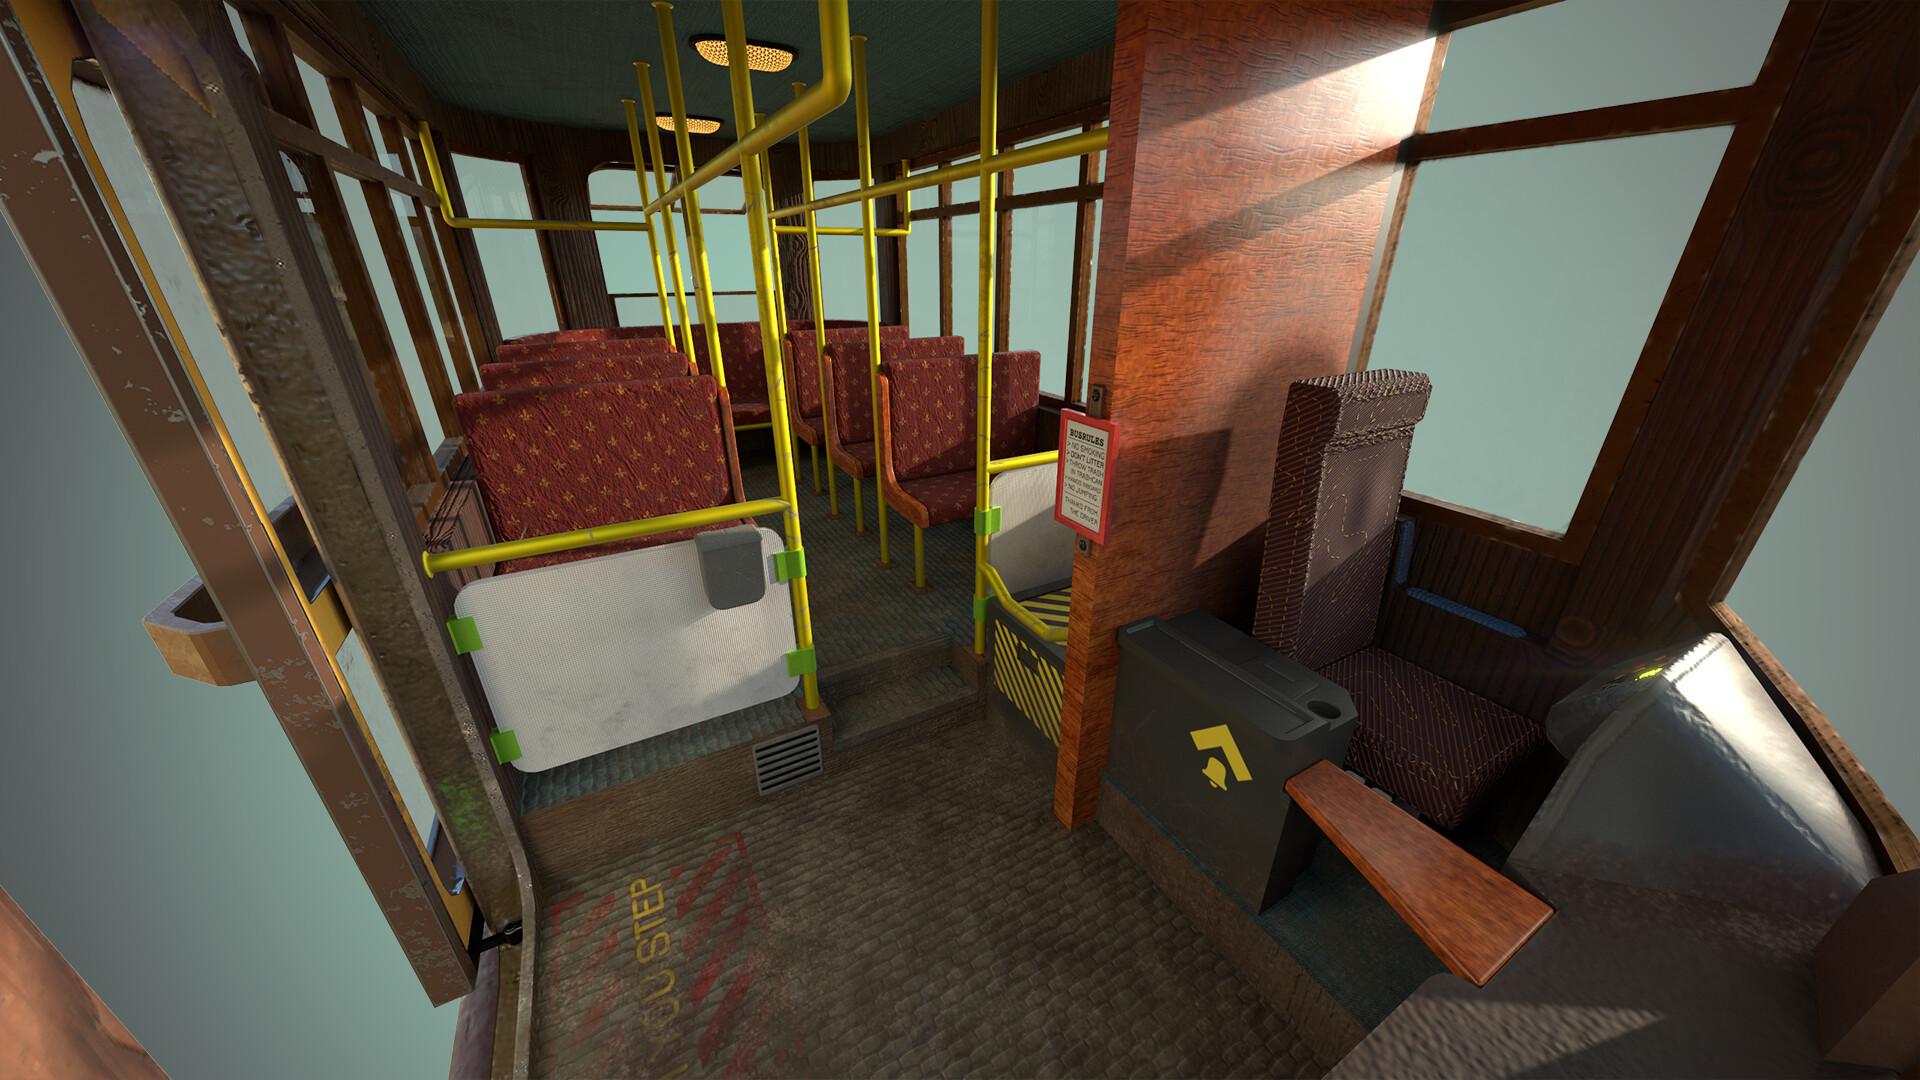 Alexander laheij tram inside full scene 1920 1080